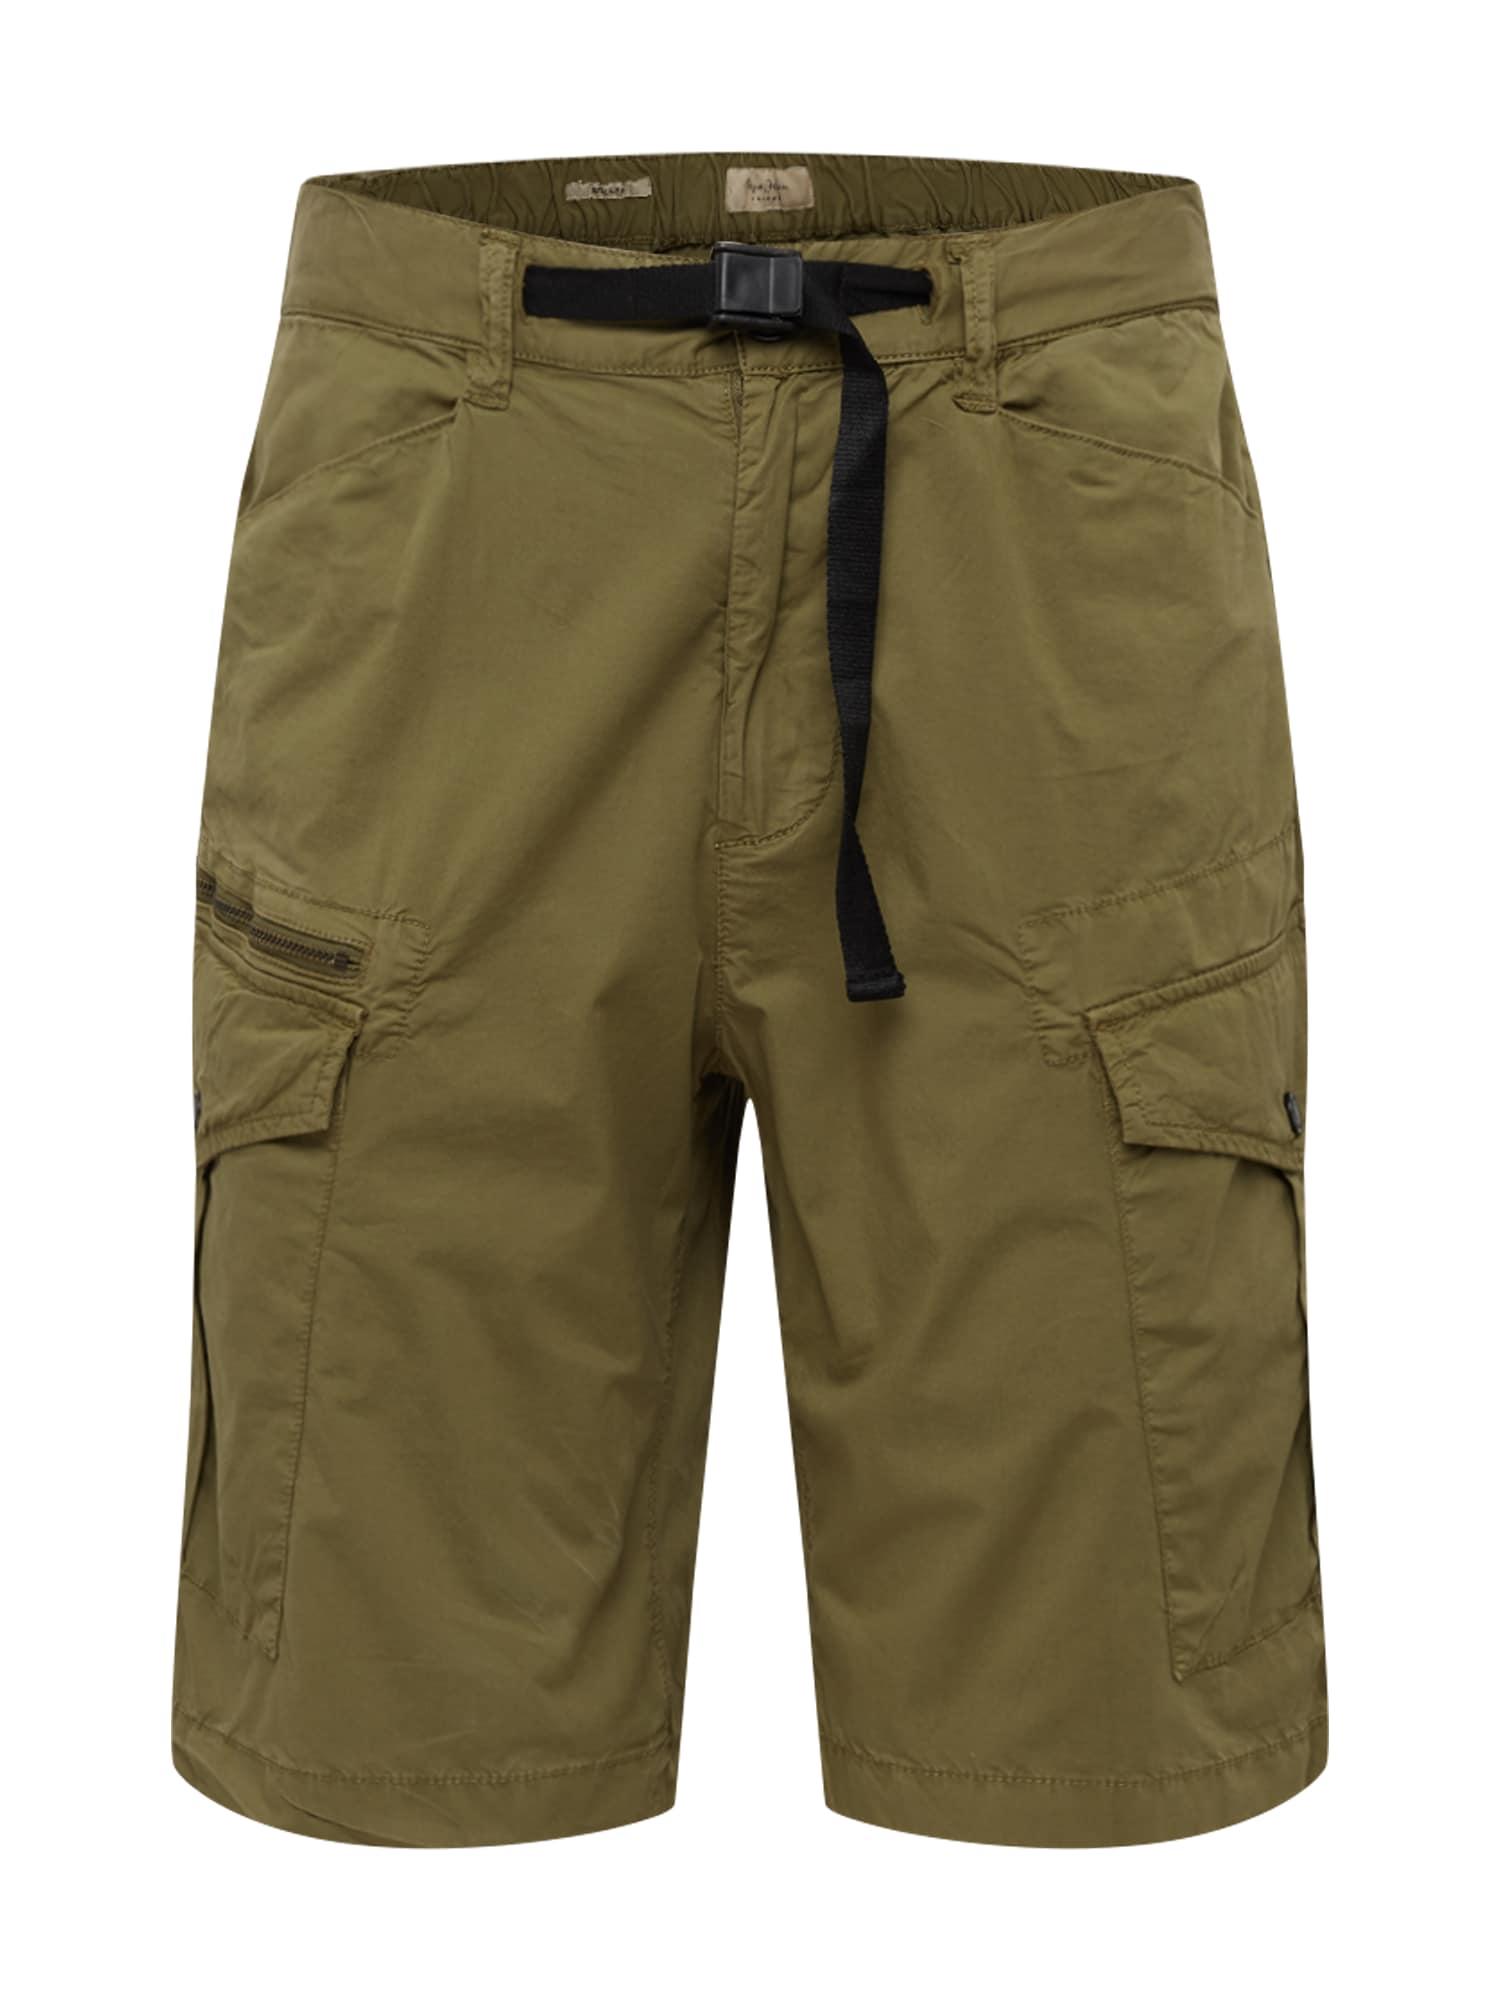 Pepe Jeans Laisvo stiliaus kelnės 'EXPEDIT' rusvai žalia